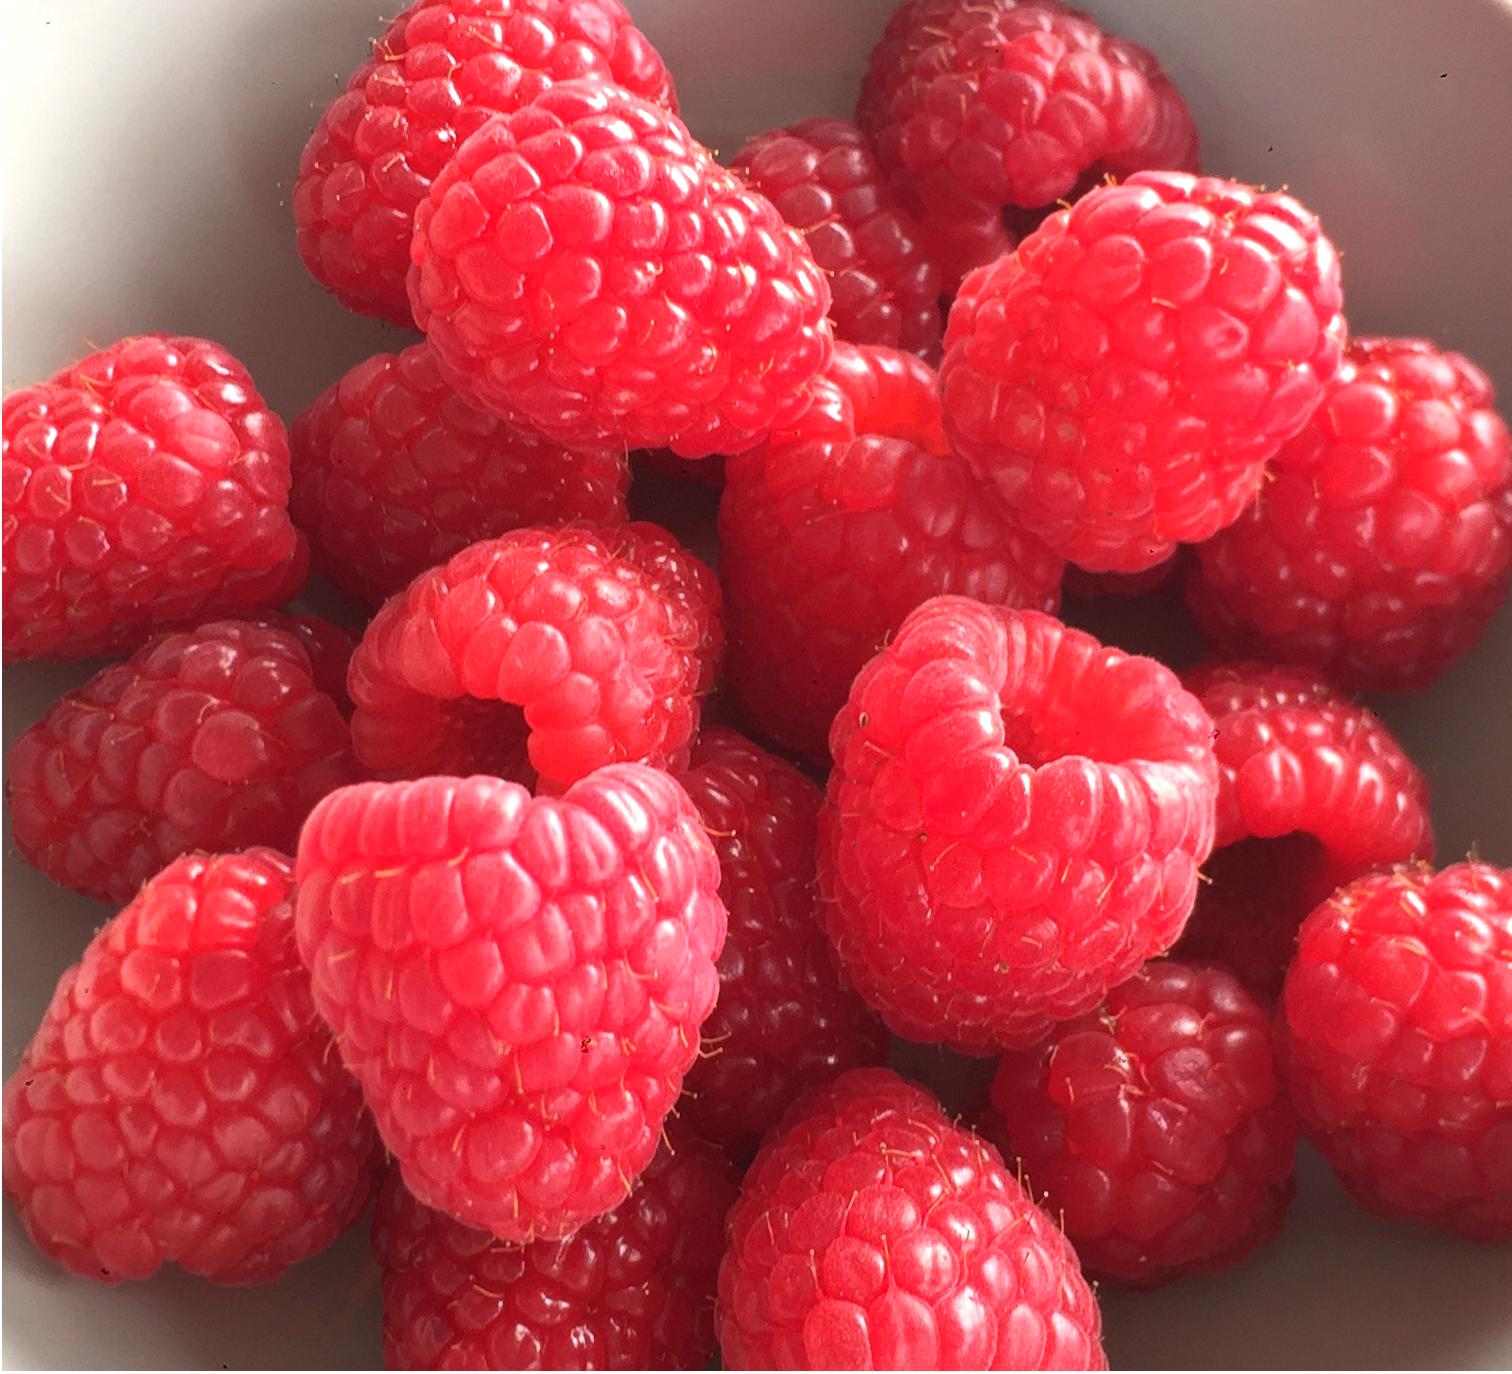 raspberries no k.png